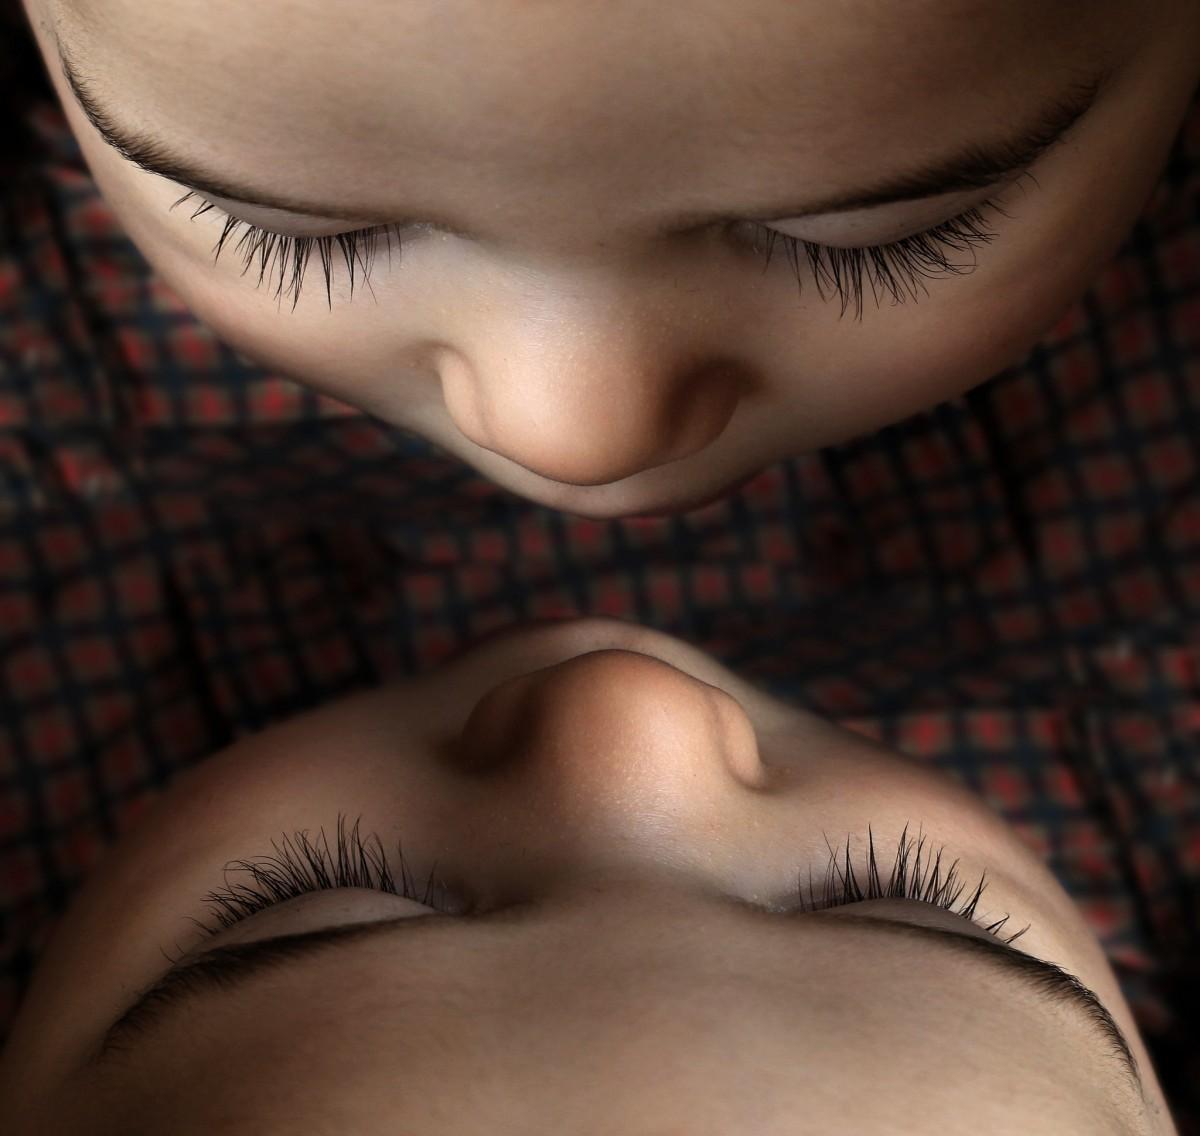 chico, niño, modelo, bebé, labio, ceja, boca, pecho, pestaña, de cerca, cuerpo humano, cara, nariz, Ojos, infantil, niñito, ojo, cabeza, piel, papel pintado, belleza, Organo, Recién nacido, pequeño ángel, productos cosméticos, pestañas, Gemelos, niño pequeño, sentido, Efecto espejo, extensiones de pestañas, pequeña persona